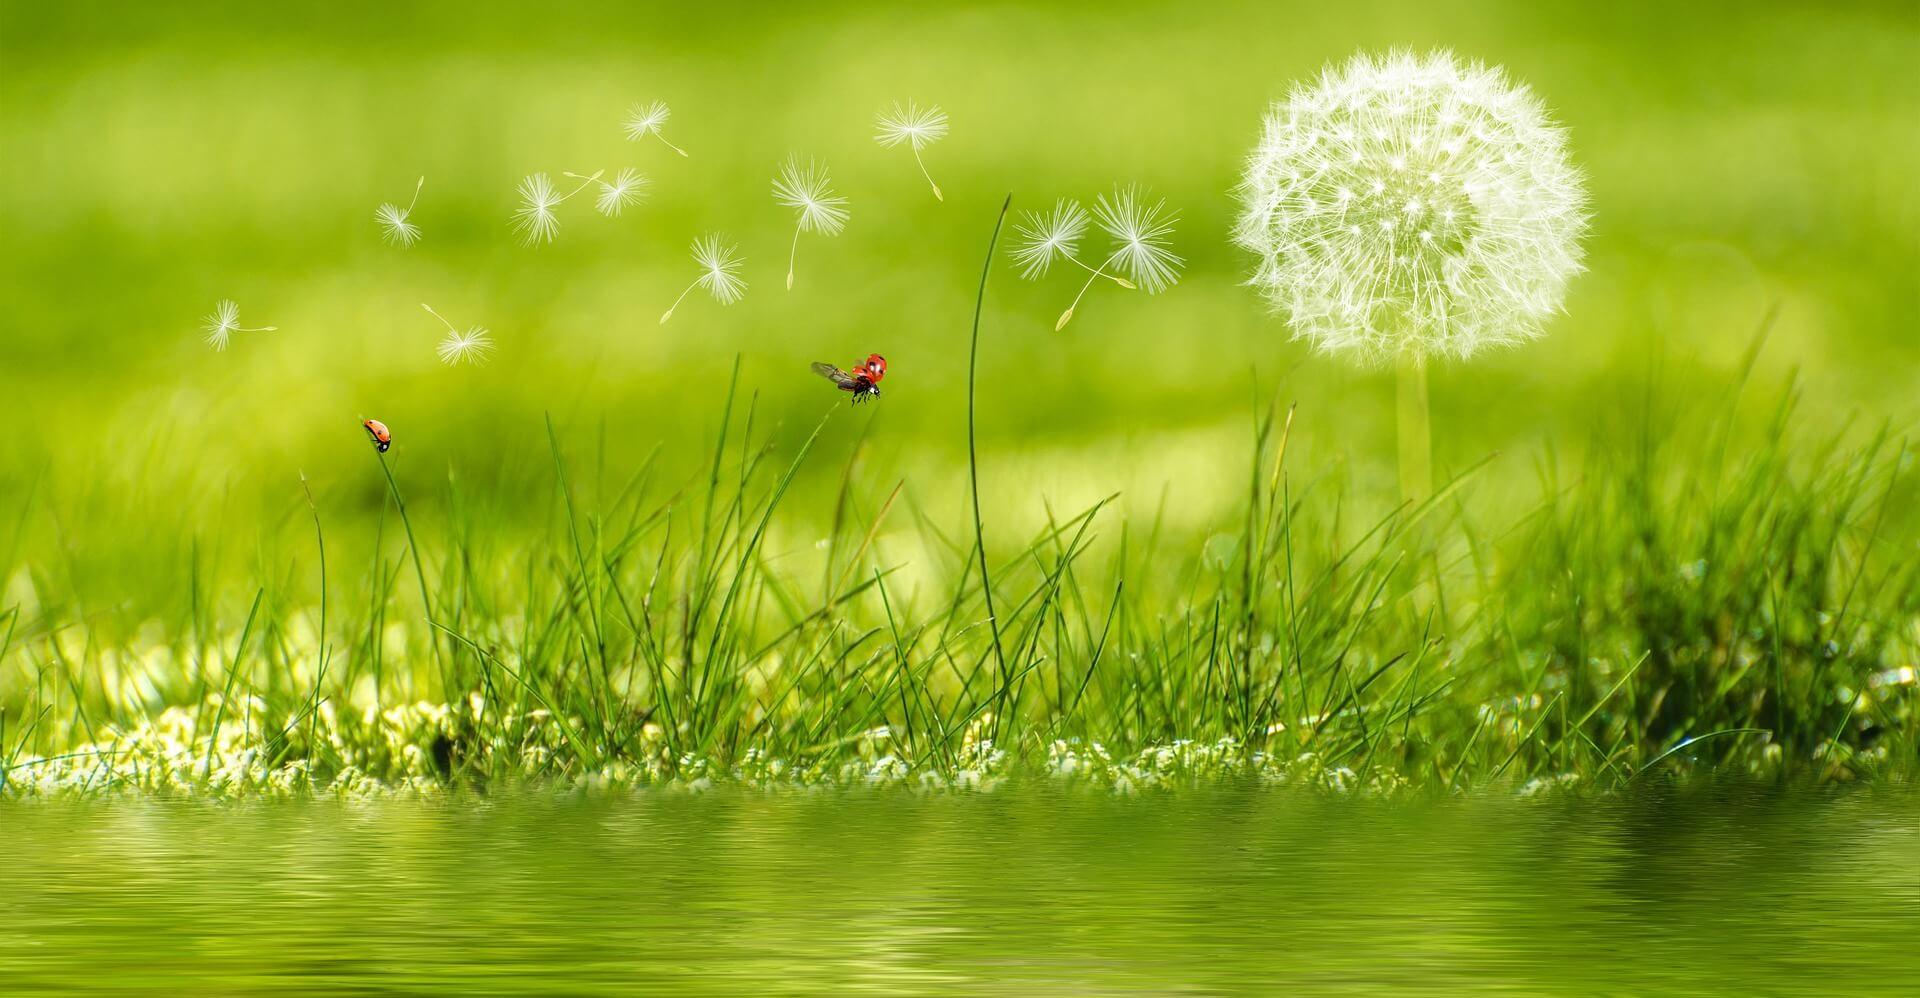 Biologische plaagbestrijding tegen bladluis, buxusmot, engerlingen, emelten, etc. Natuurlijke bestrijding, biologische oplossingen en vallen.